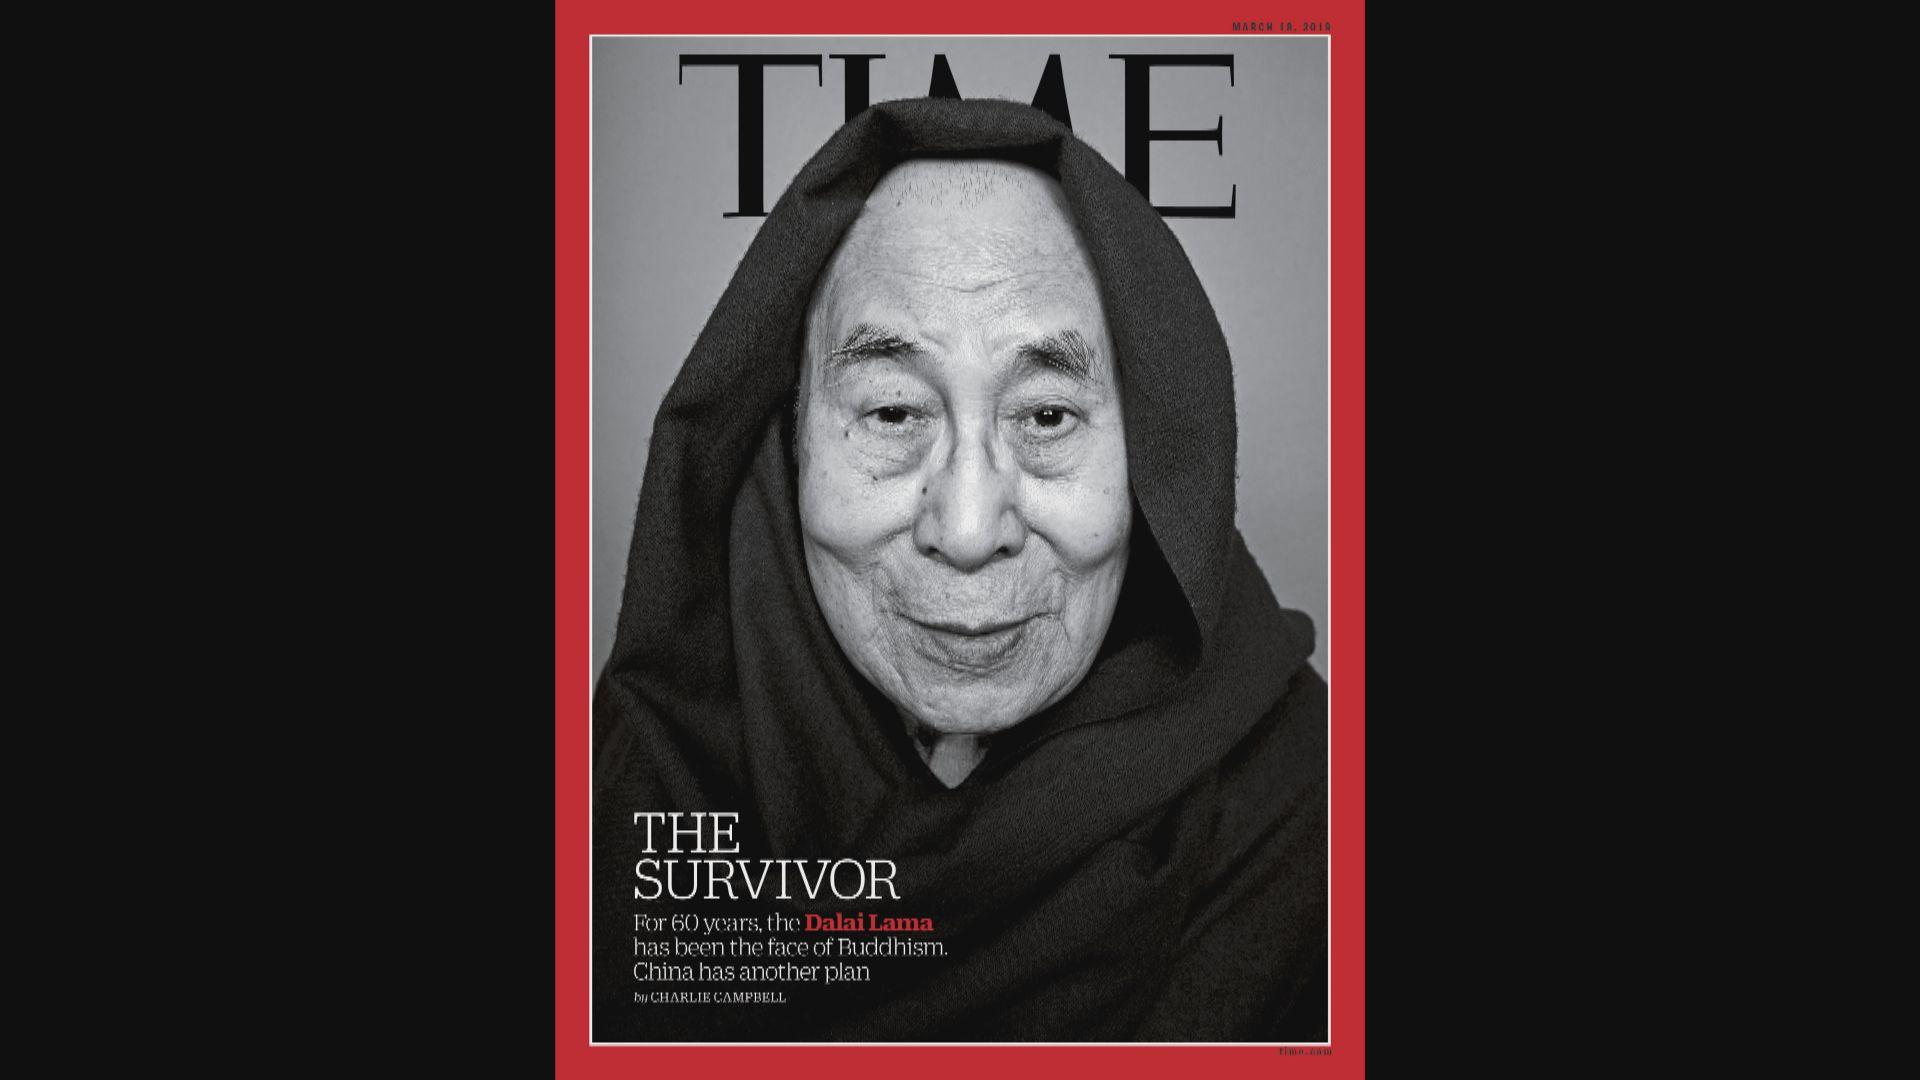 達賴喇嘛三登《時代》雜誌封面  強調仍代表西藏人